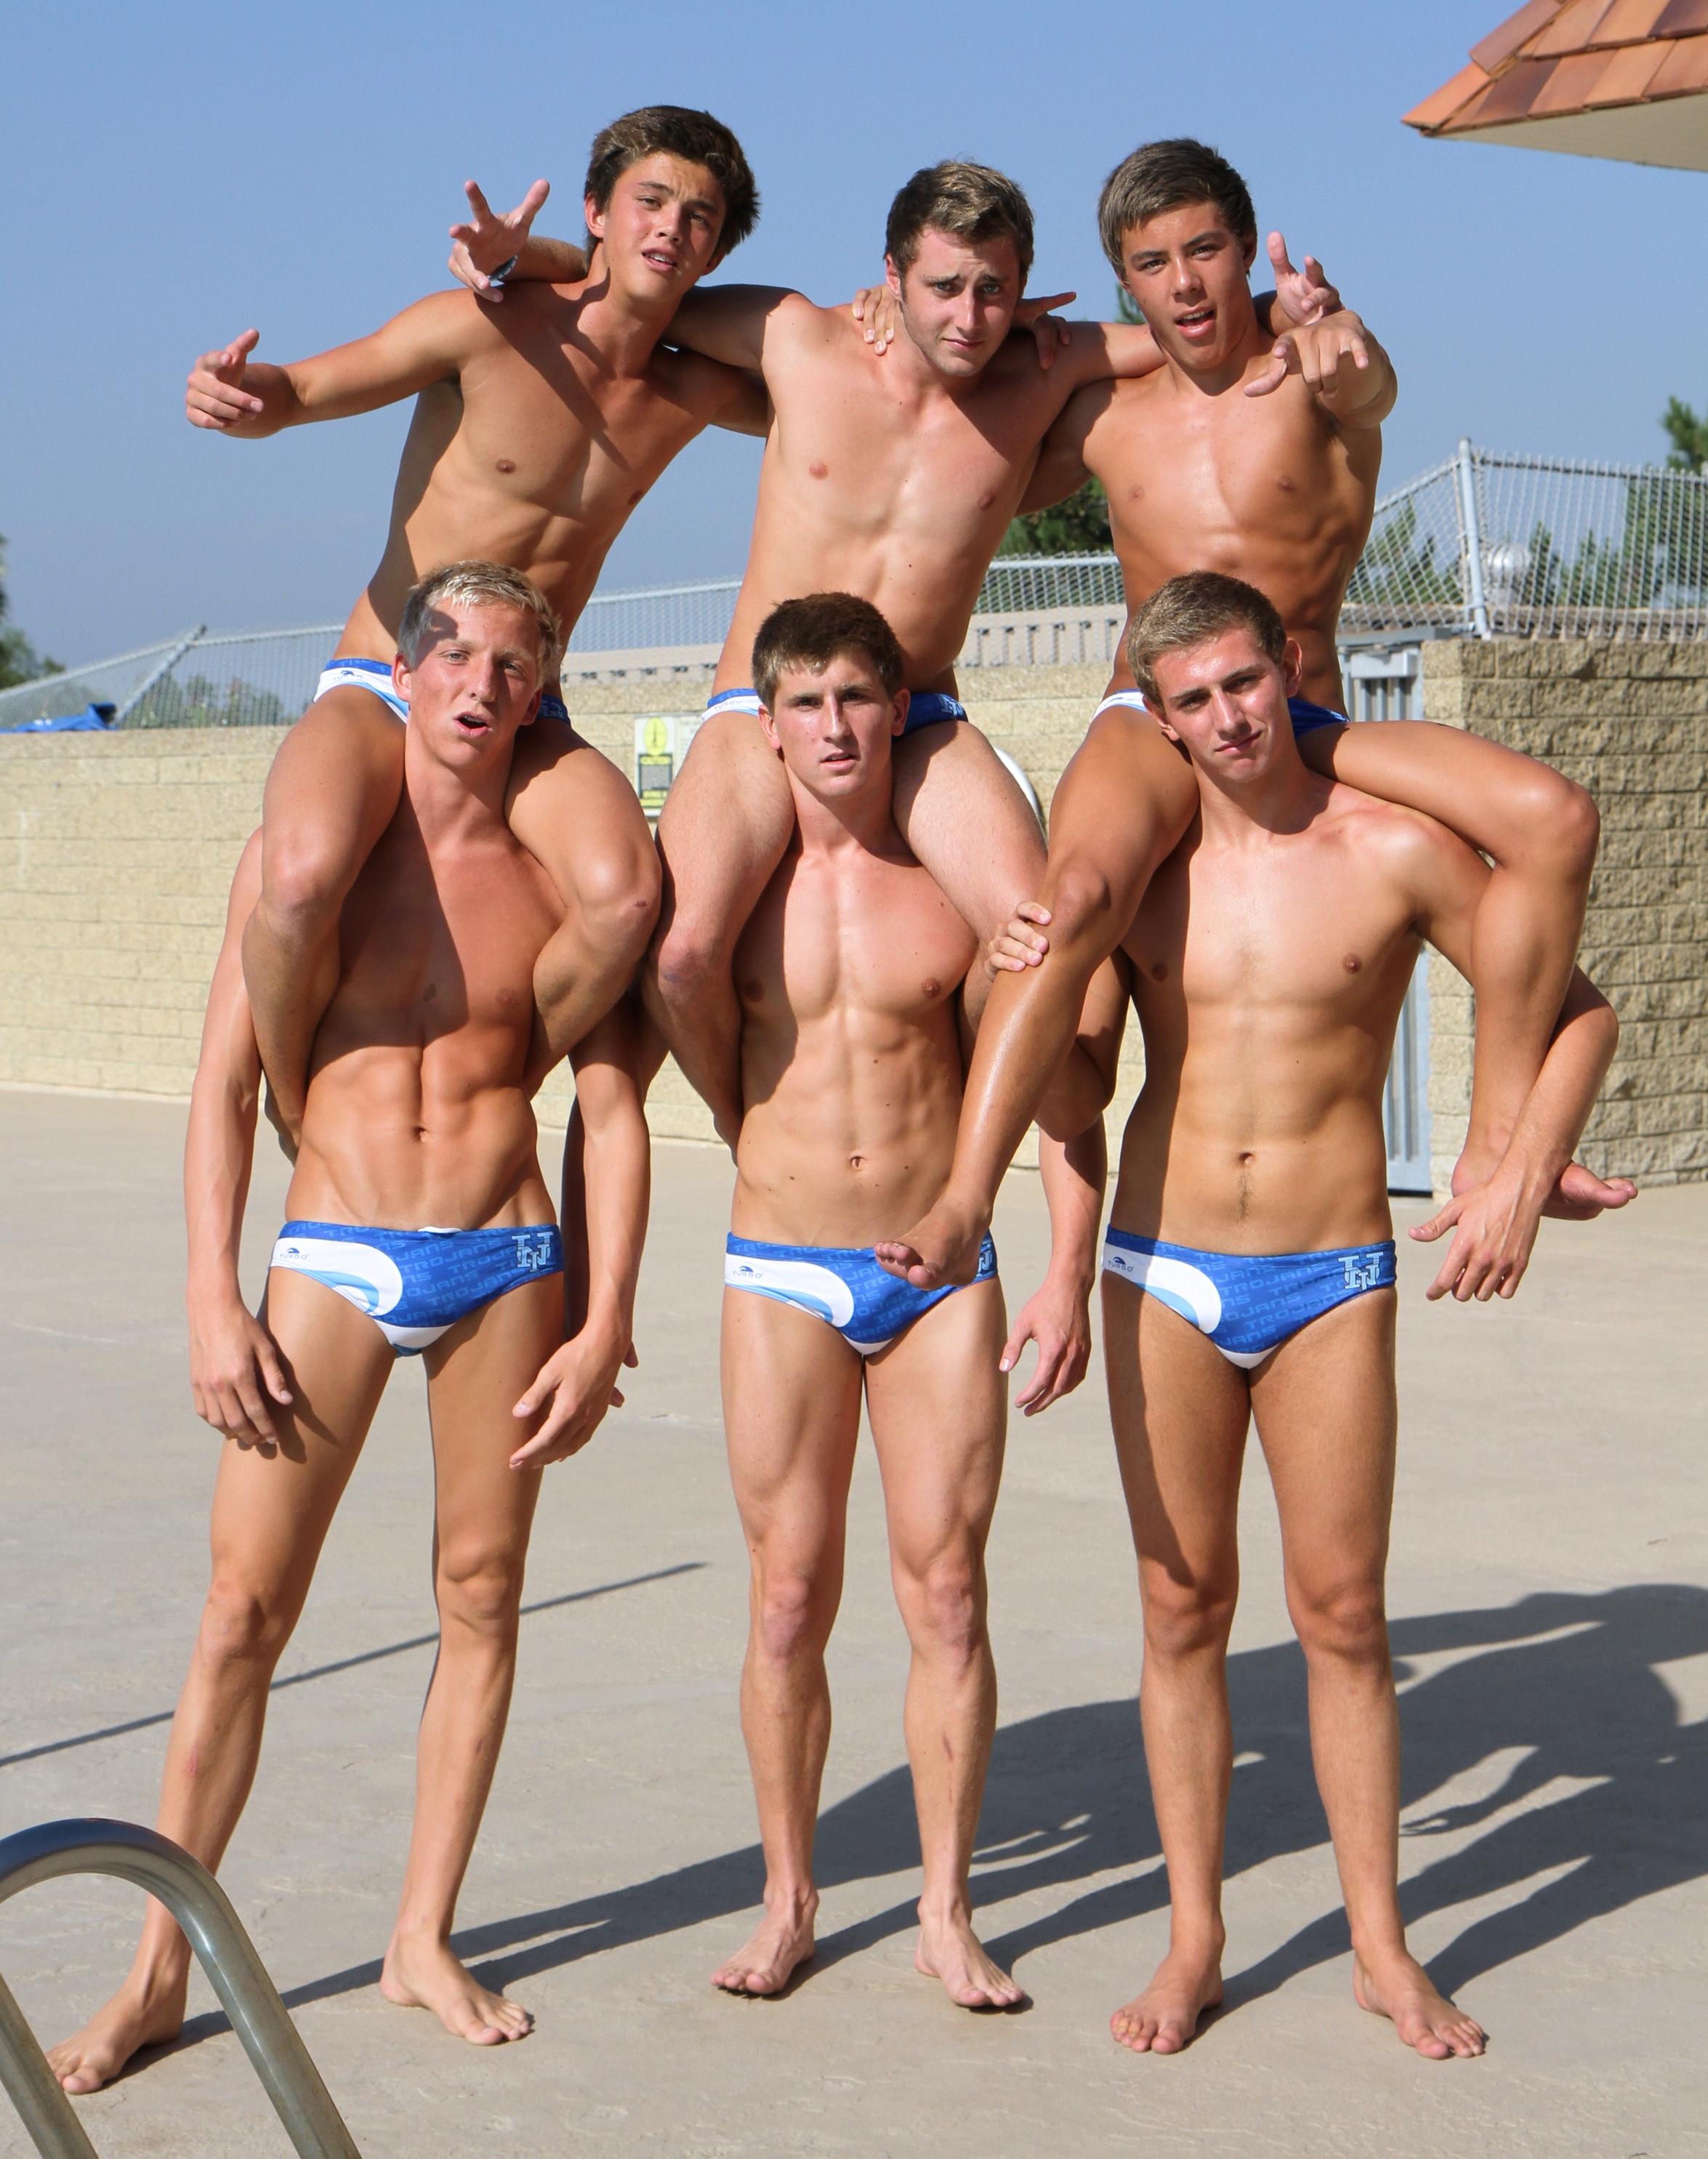 Lgbt motss gay pride the gay team mens no ride up boxer briefs sexy underwear